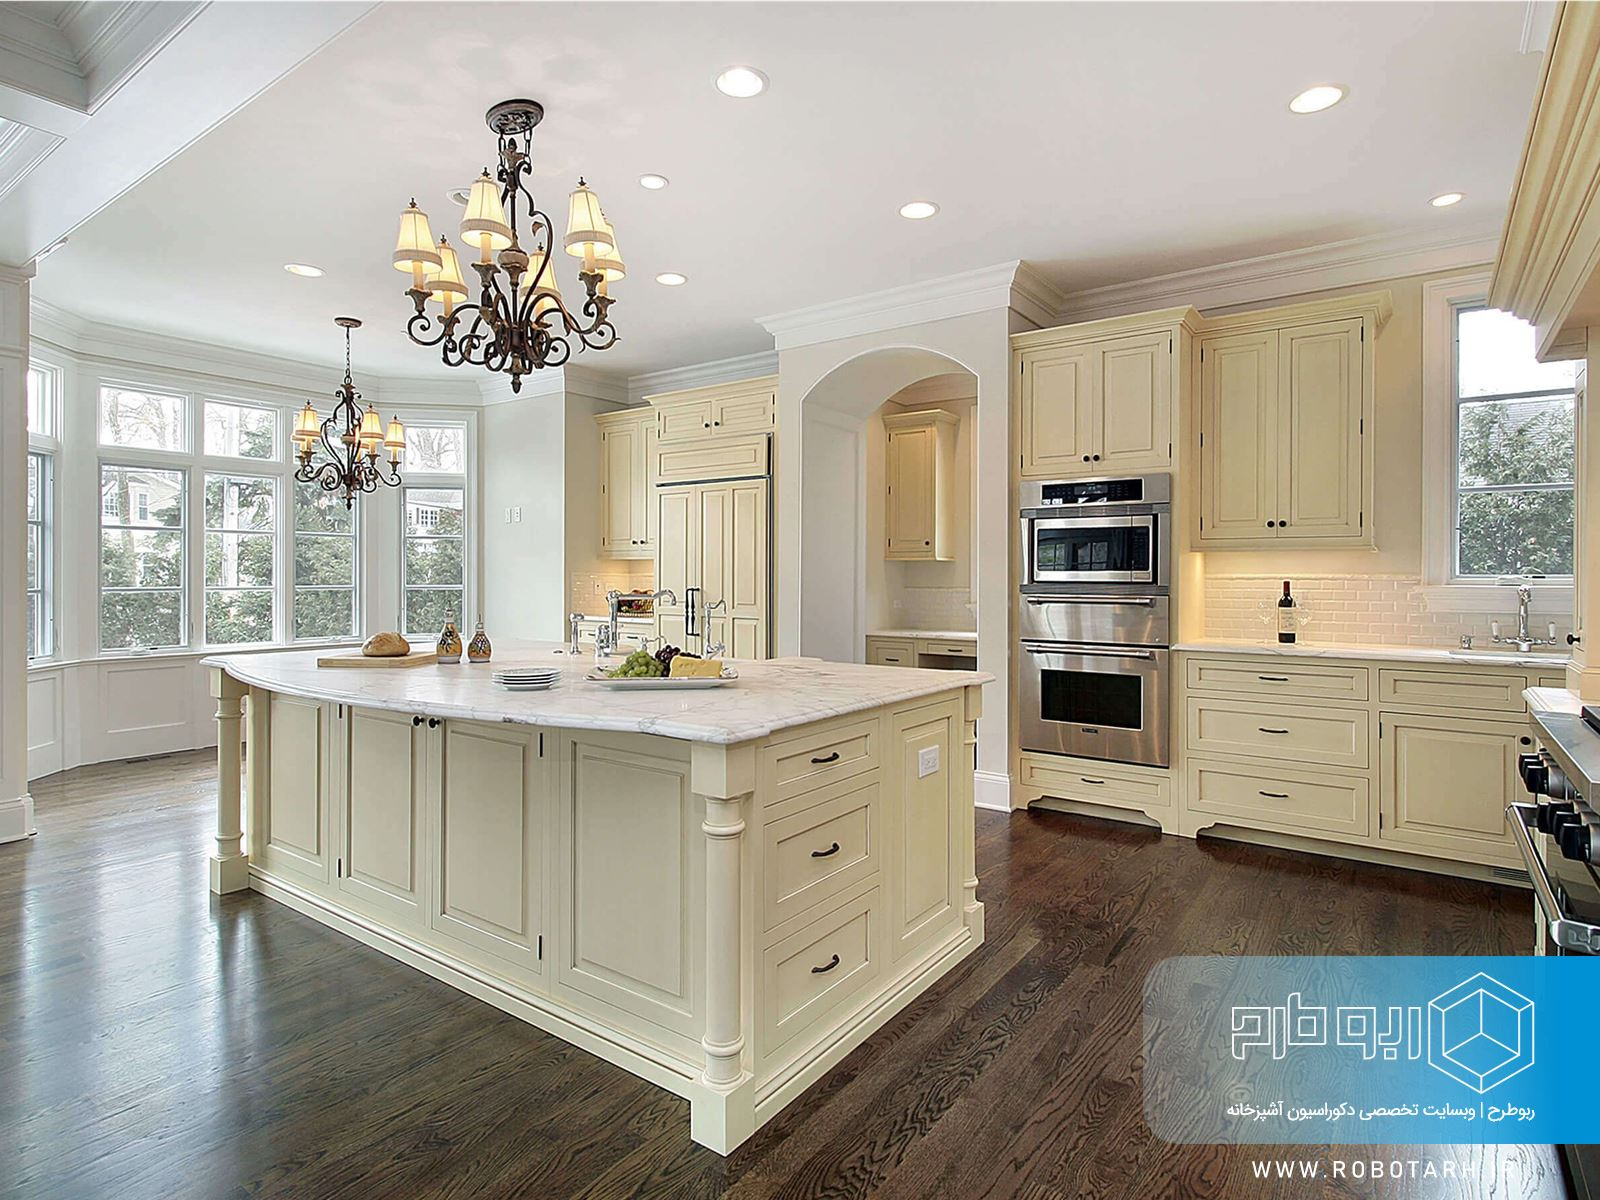 آشپزخانه کلاسیک کرمی رنگ